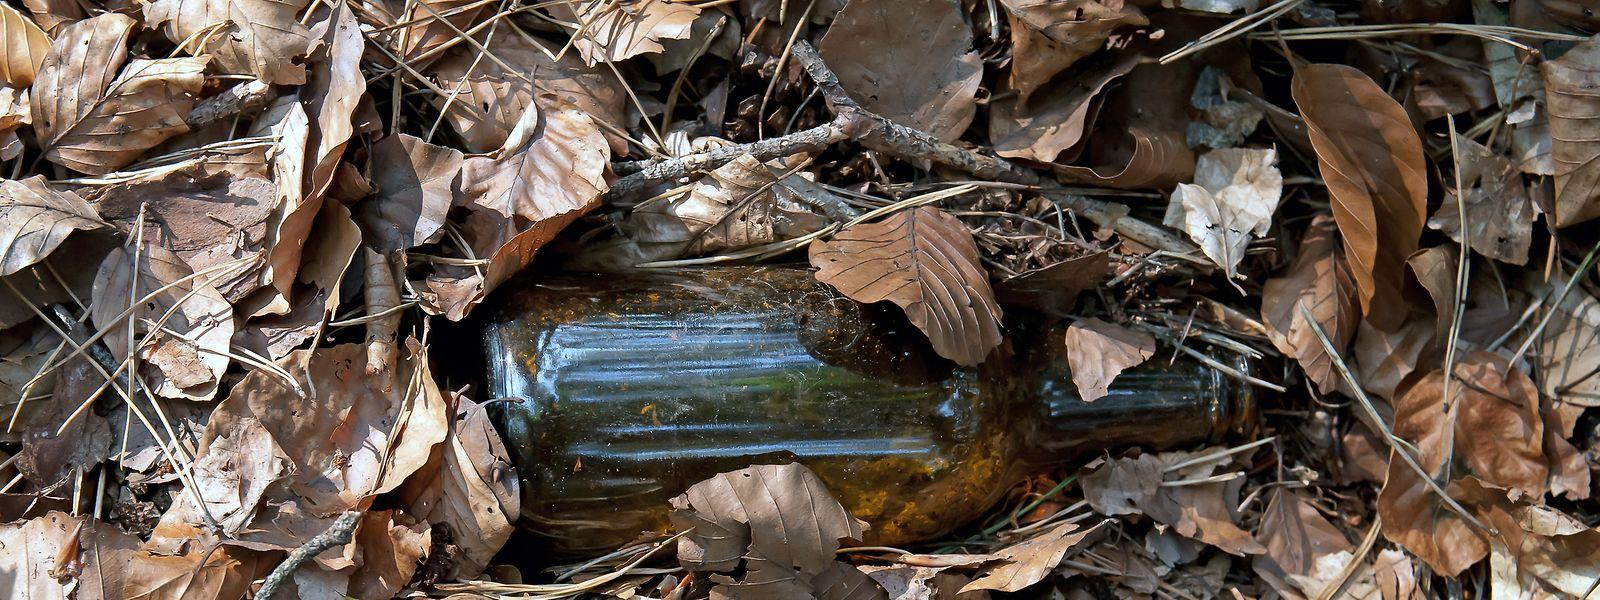 Wird Abfall nicht eingesammelt, überdauert er ewige Zeiten im Wald – eine Glasflasche zum Beispiel 4000 Jahre. Zudem können sich Tiere an Scherben oder verschluckten Plastikteilen Schaden zuziehen.